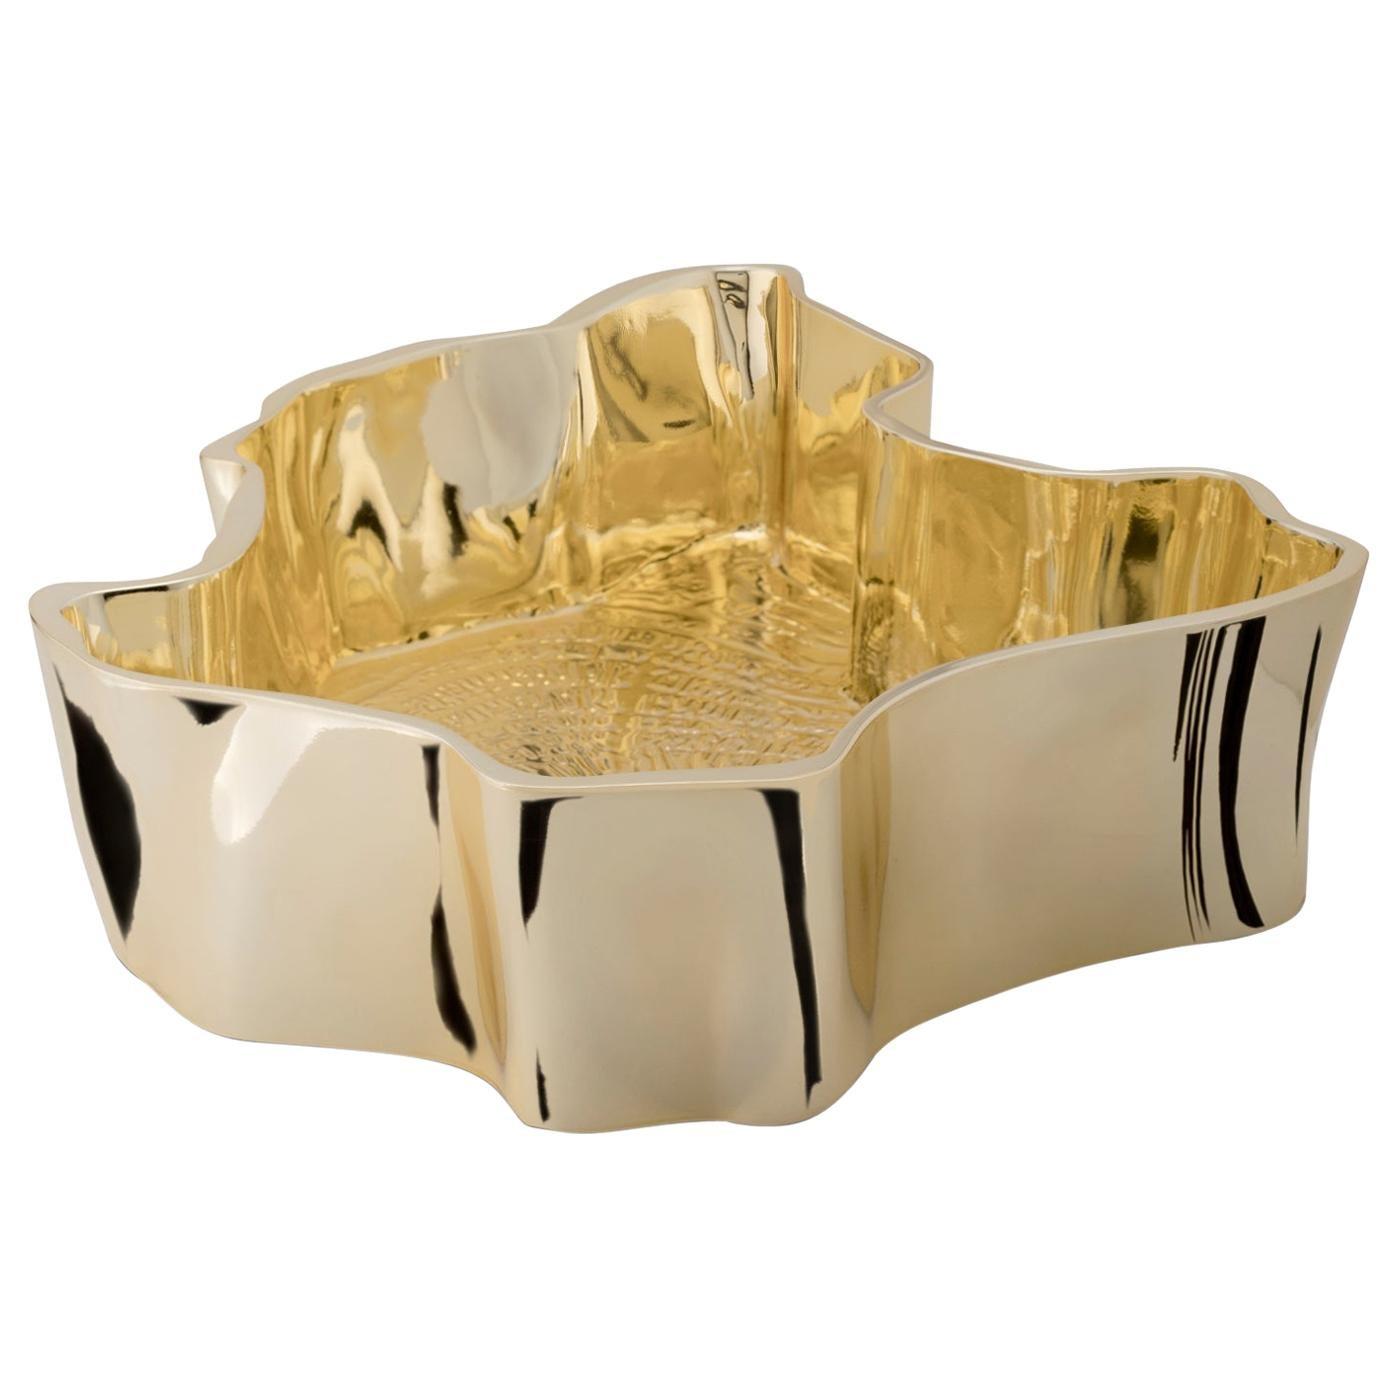 eden vessel sink gold plated